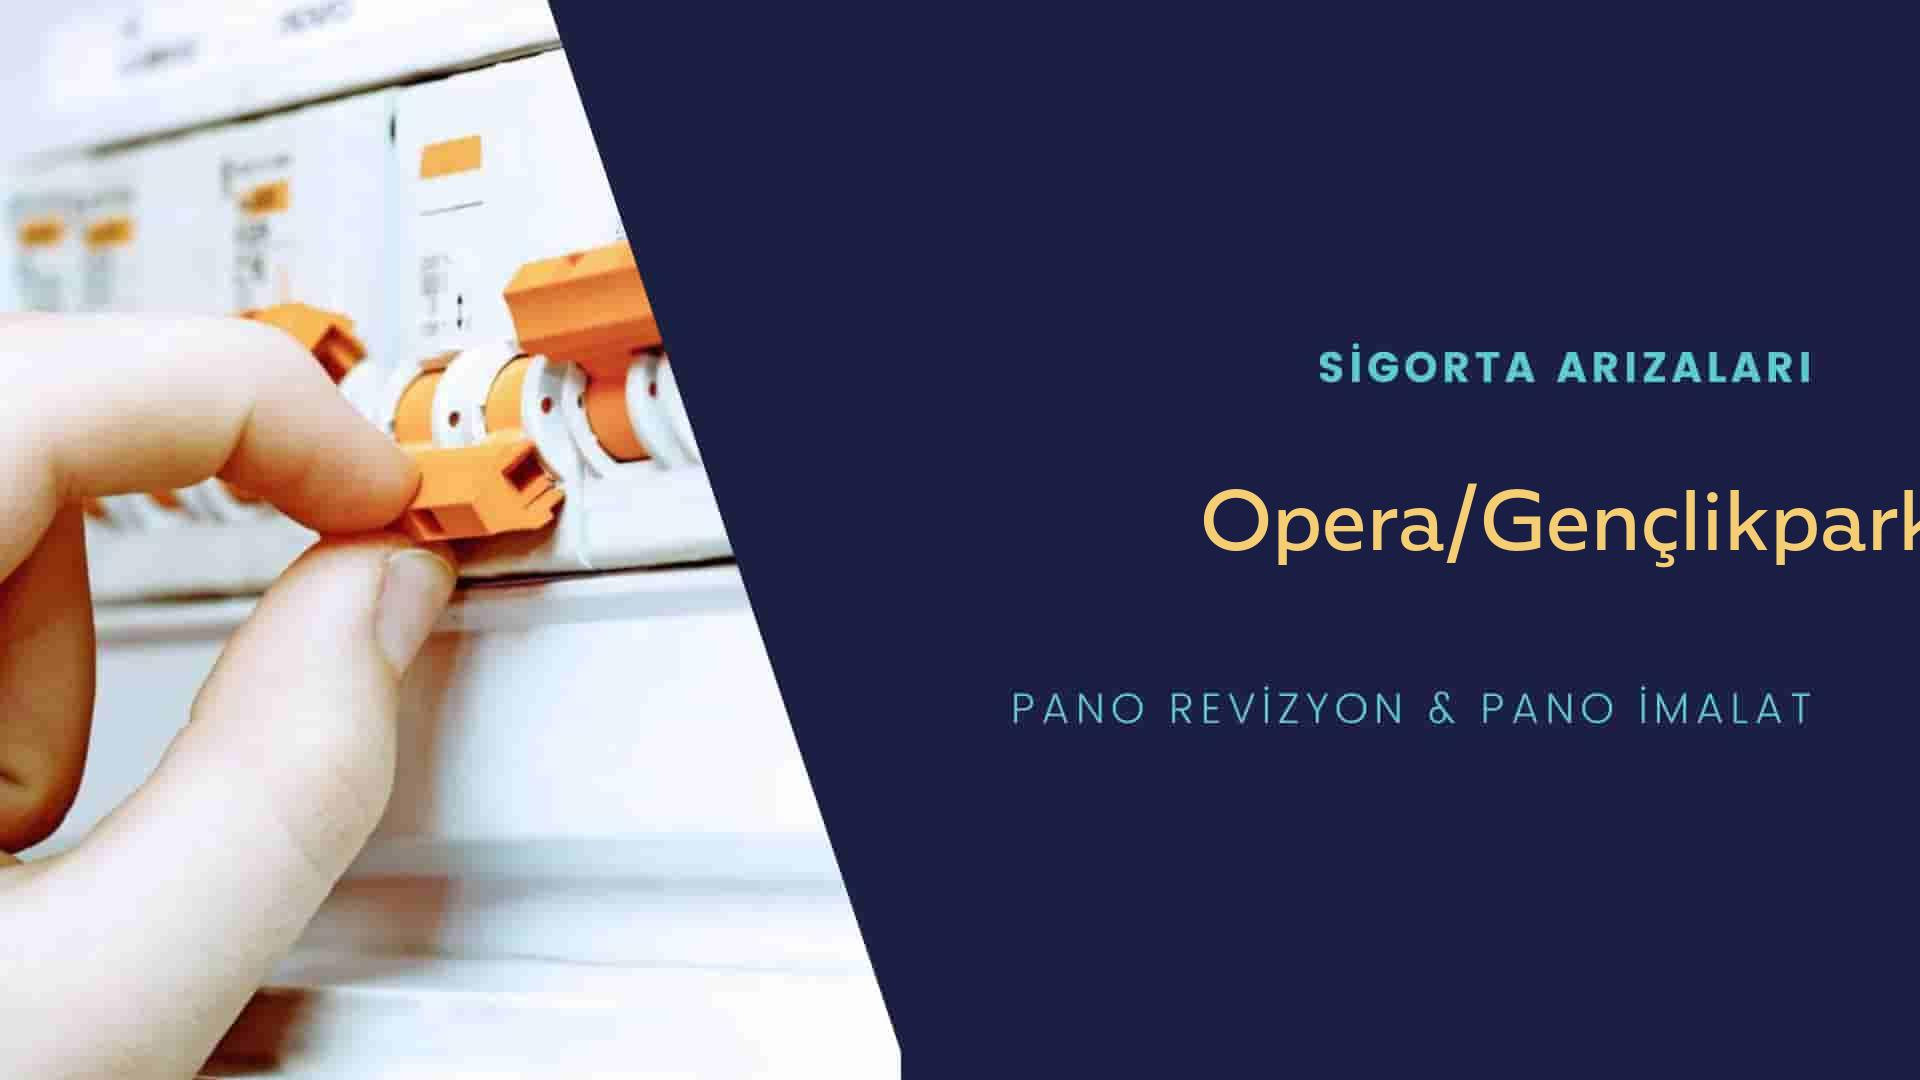 Opera/Gençlikparkı Sigorta Arızaları İçin Profesyonel Elektrikçi ustalarımızı dilediğiniz zaman arayabilir talepte bulunabilirsiniz.